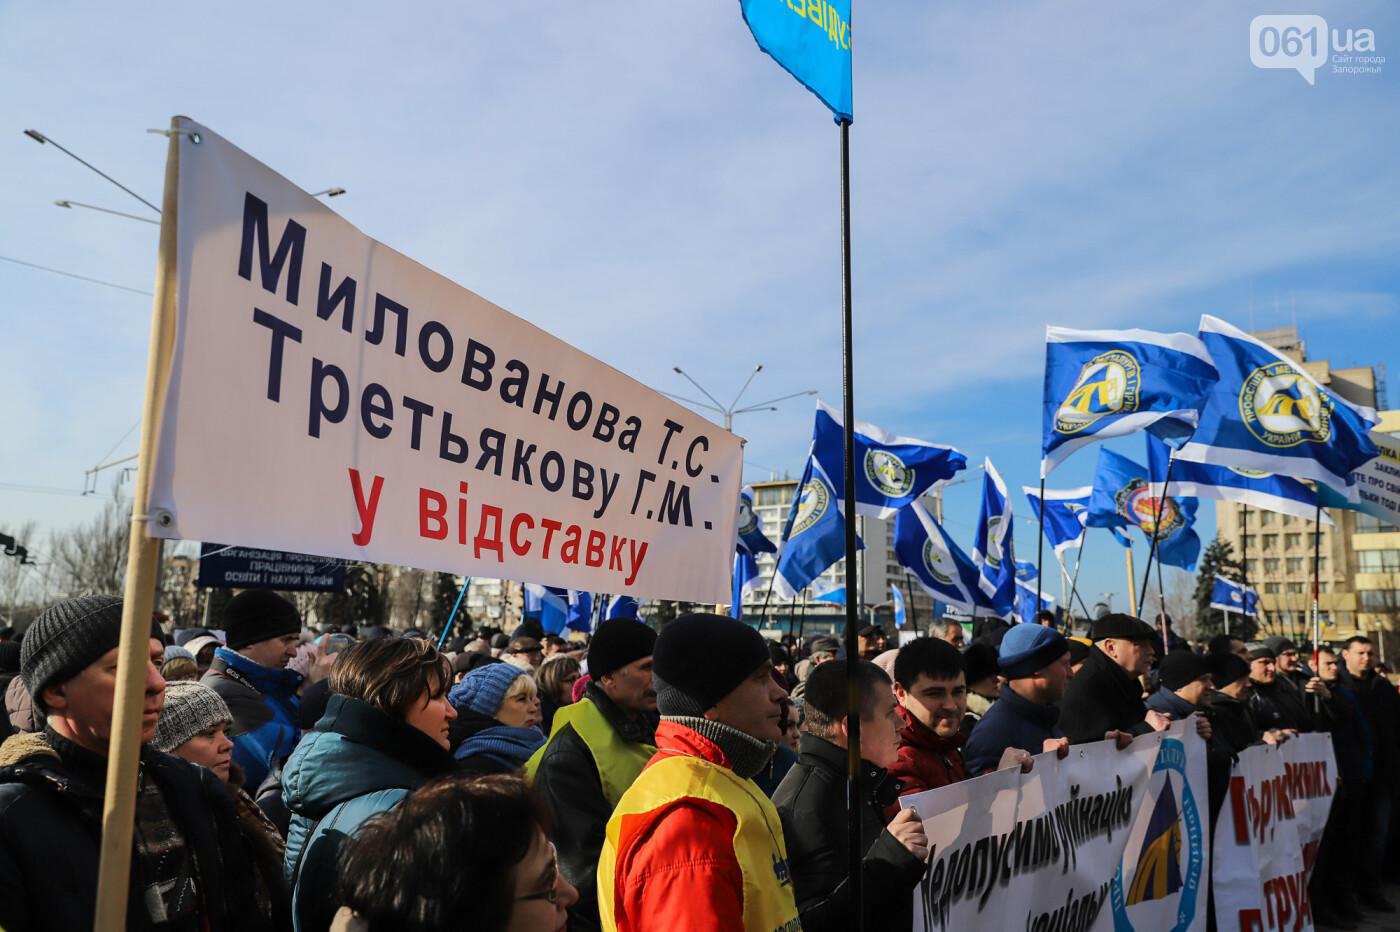 В Запорожье на протестную акцию профсоюзов «Волна гнева» вышло около 2000 человек, - ФОТОРЕПОРТАЖ, фото-20